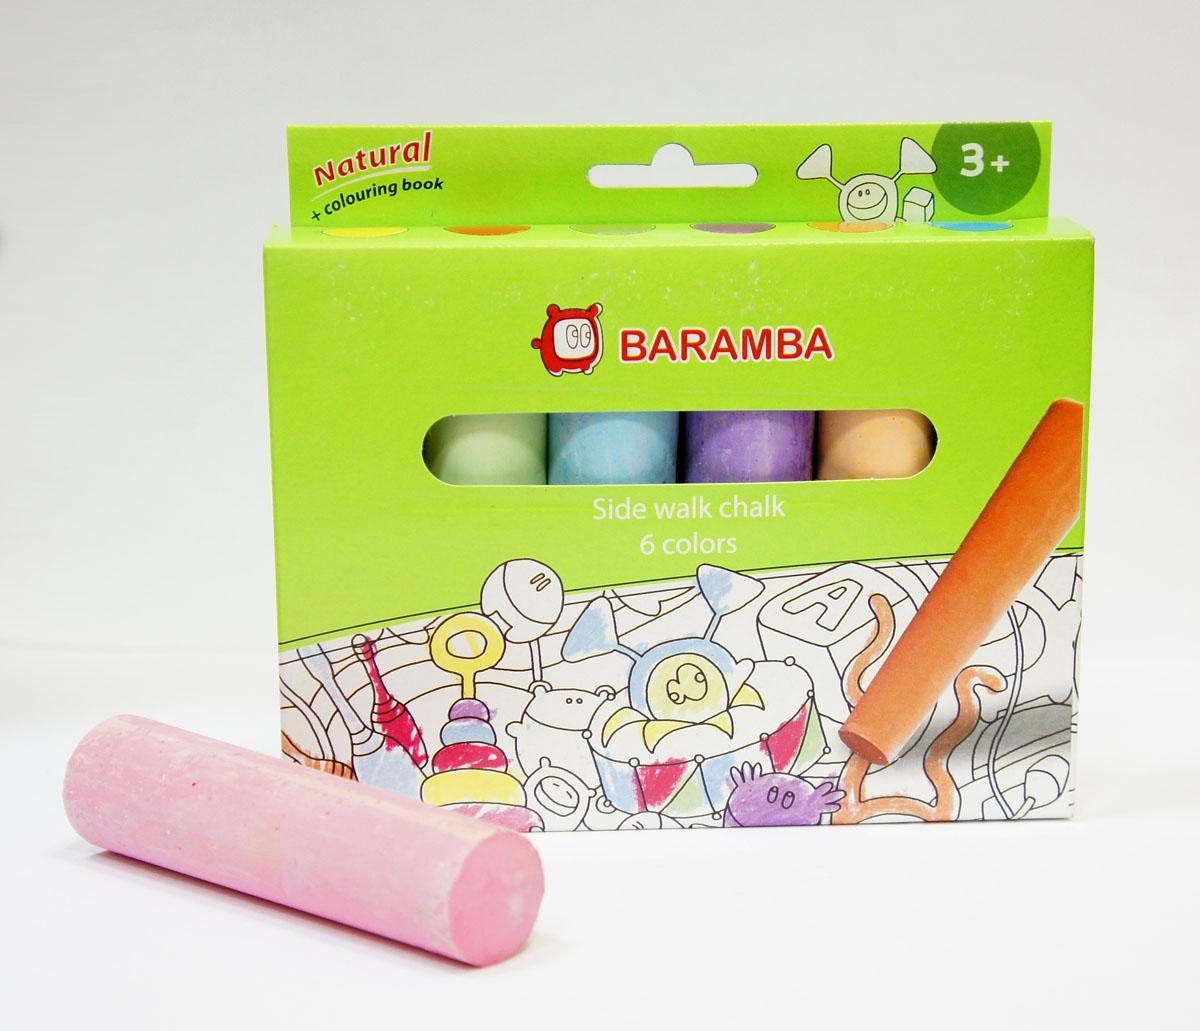 Мел для асфальта Baramba, 6 цветовB00060Мел для асфальта Baramba включает в себя 6 мелков ярких цветов. Мелки предназначены для рисования на асфальте. Благодаря крупному размеру и форме, мелки удобно держать в руке. Мел удобен в использовании, не крошится, не царапает доску, не пачкает руки. Рисование разноцветными мелками способствует развитию творческих способностей малыша, воображения и мелкой моторики рук. Не рекомендуется детям до 3-х лет.